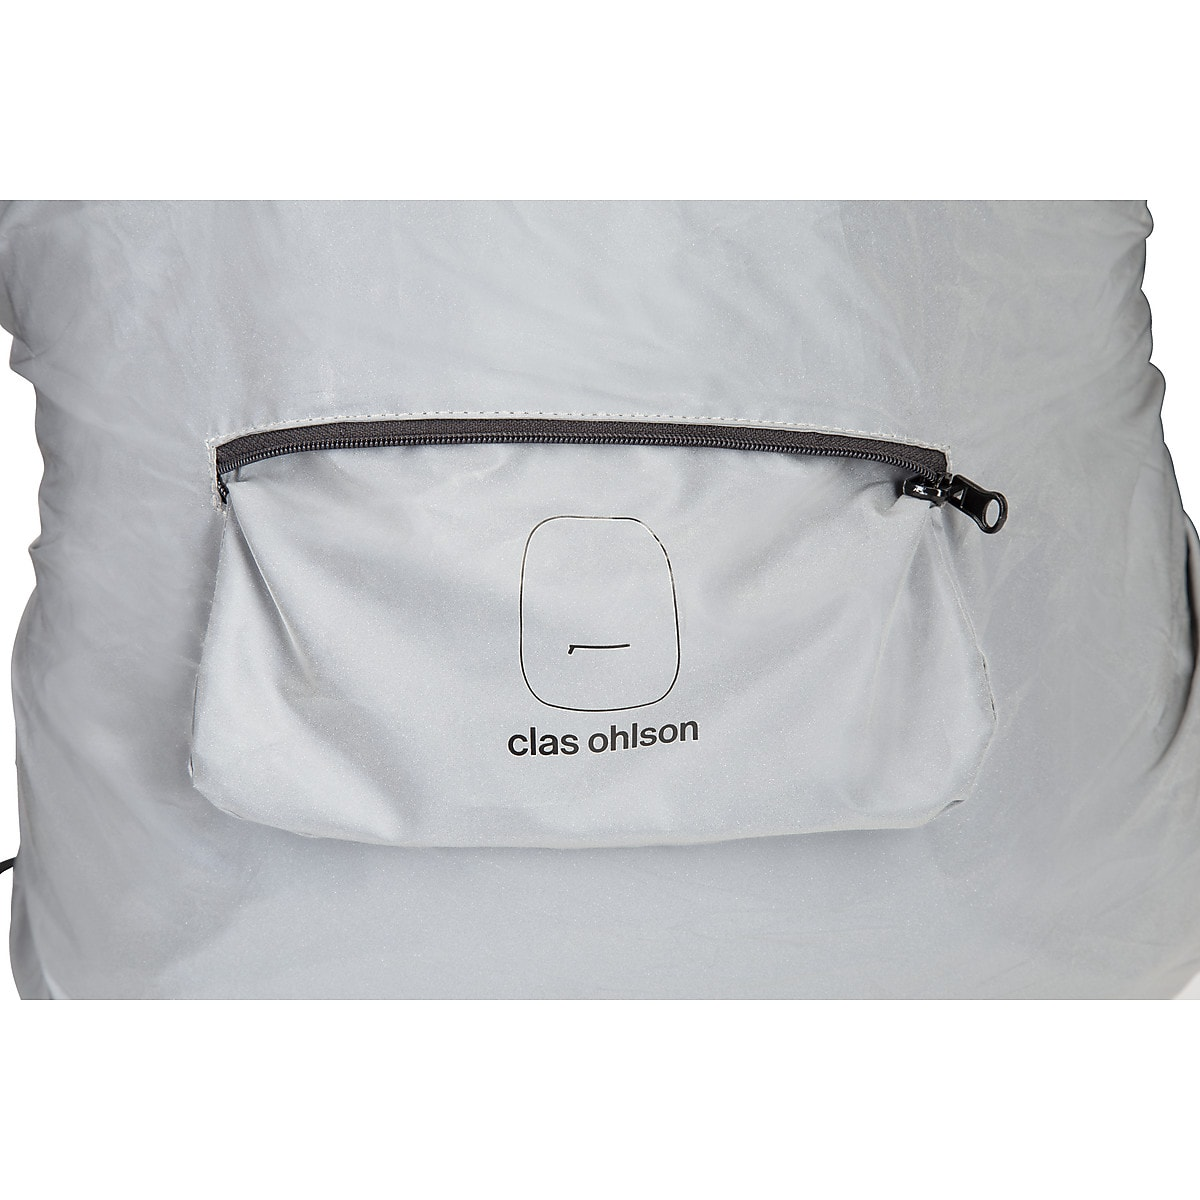 Regnöverdrag med reflex för ryggsäck